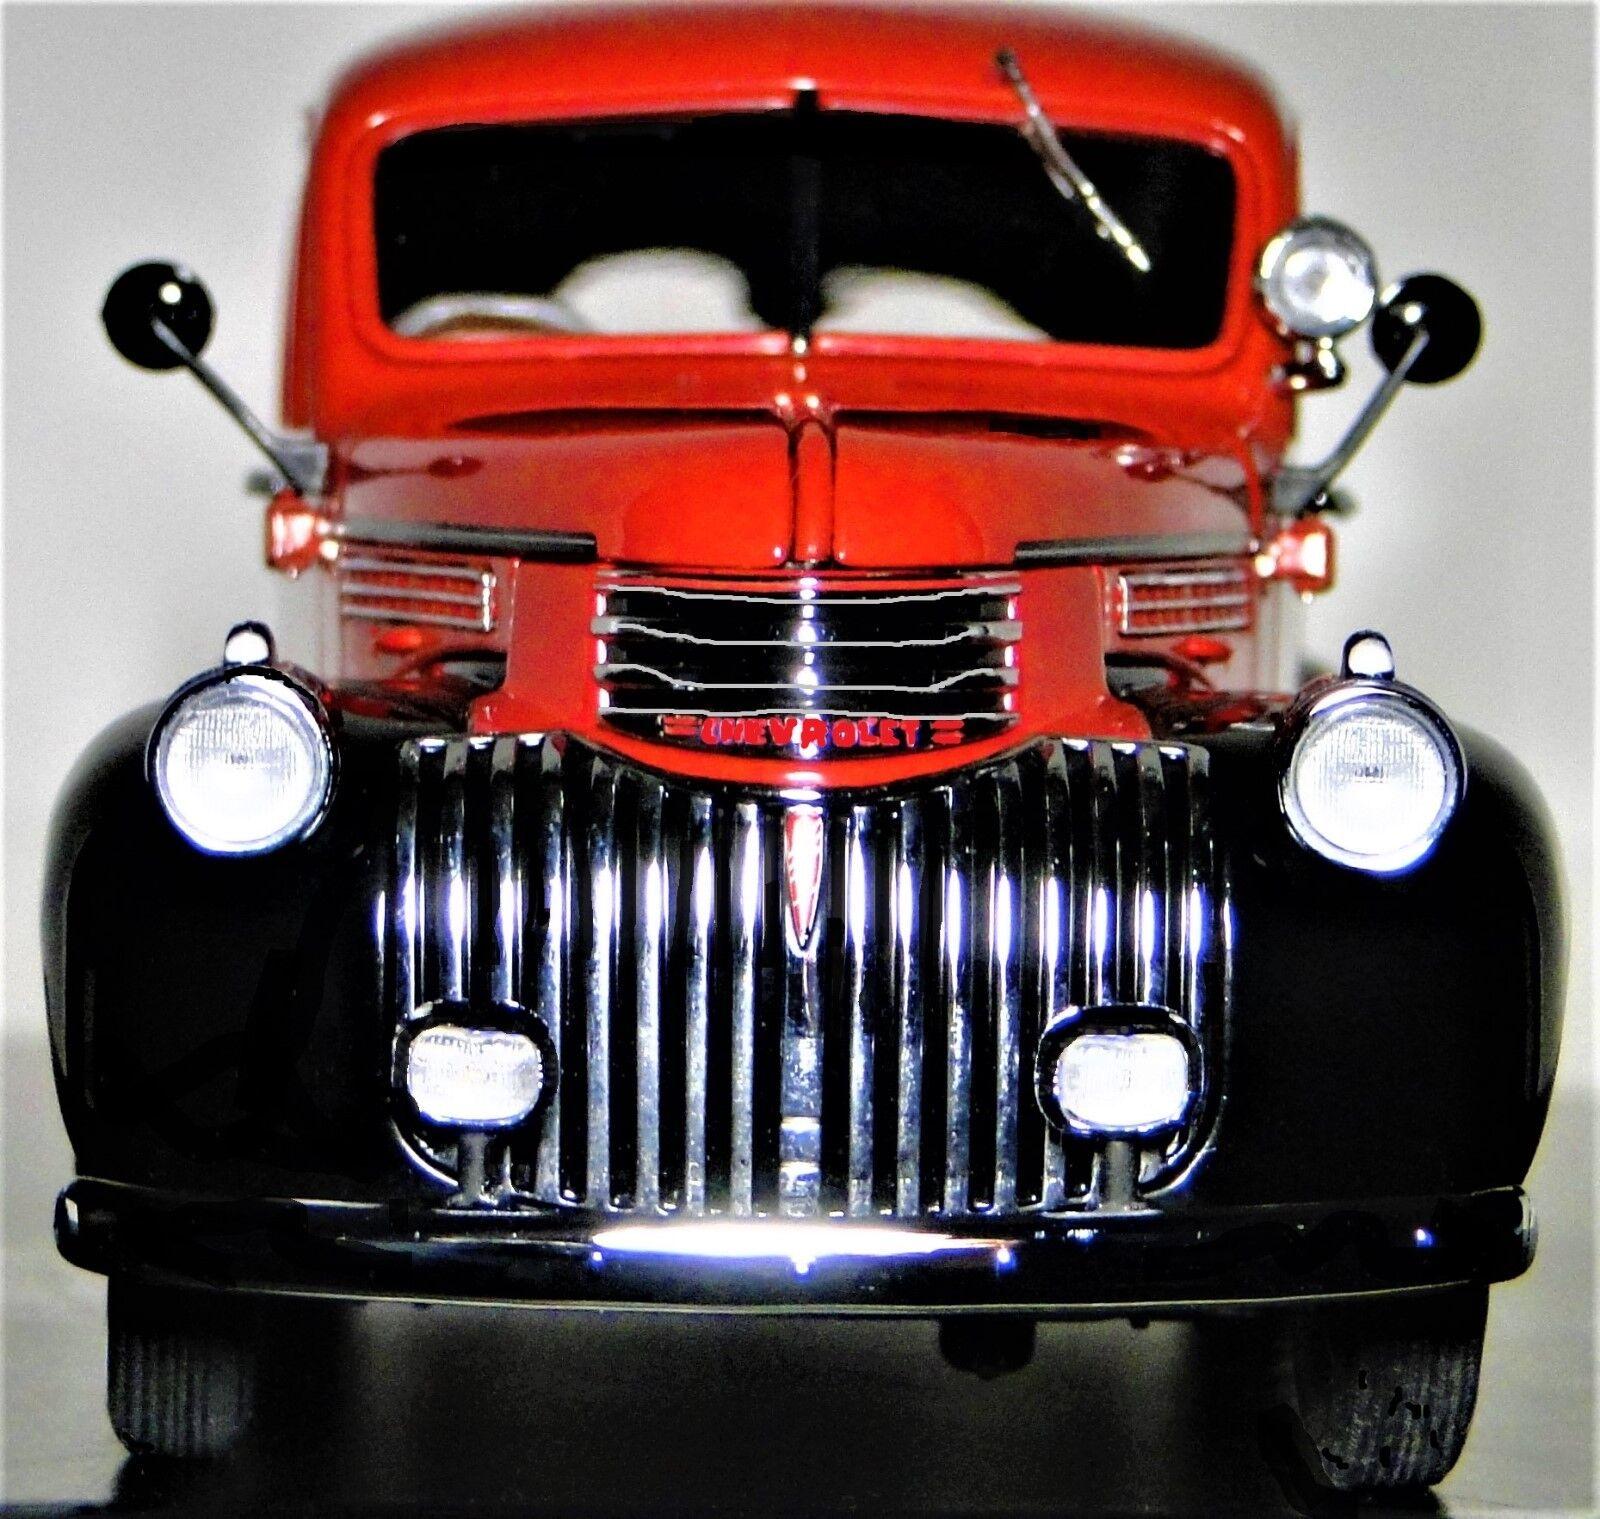 Camión Chevy 1 Pickup 1940 24 Chevrolet construido 18 Modelo de Coche Vintage Antiguo Nomad